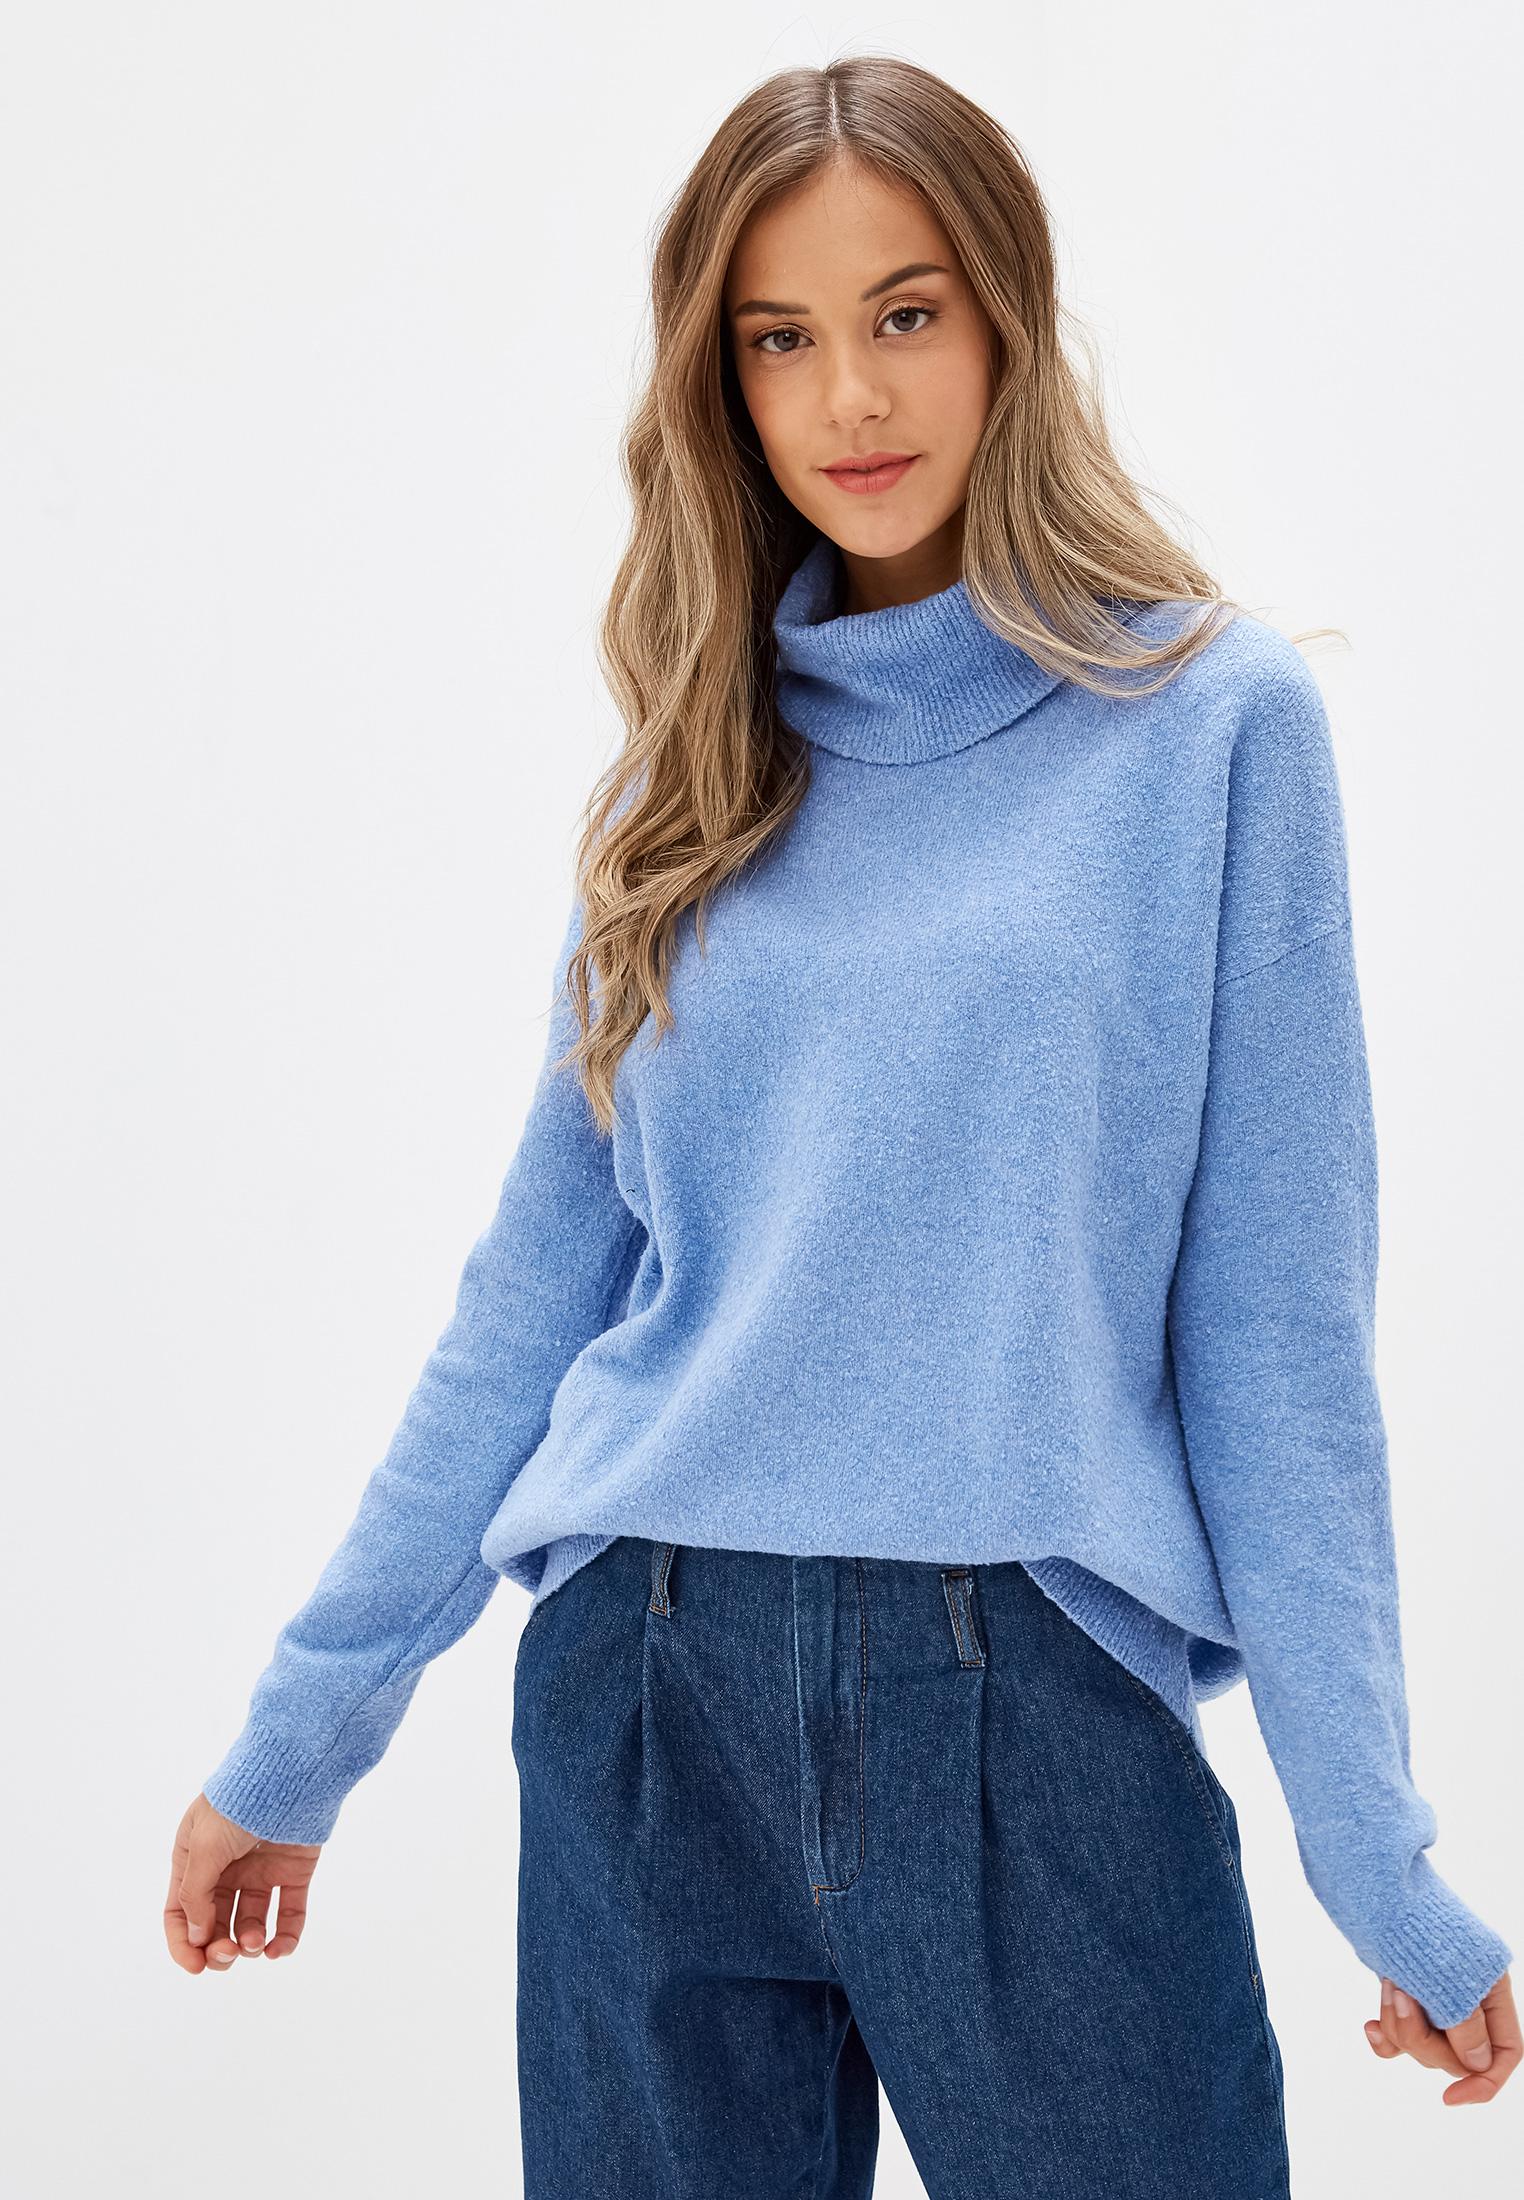 территории находися какие в моде женские свитера фото удалось получить квартиру